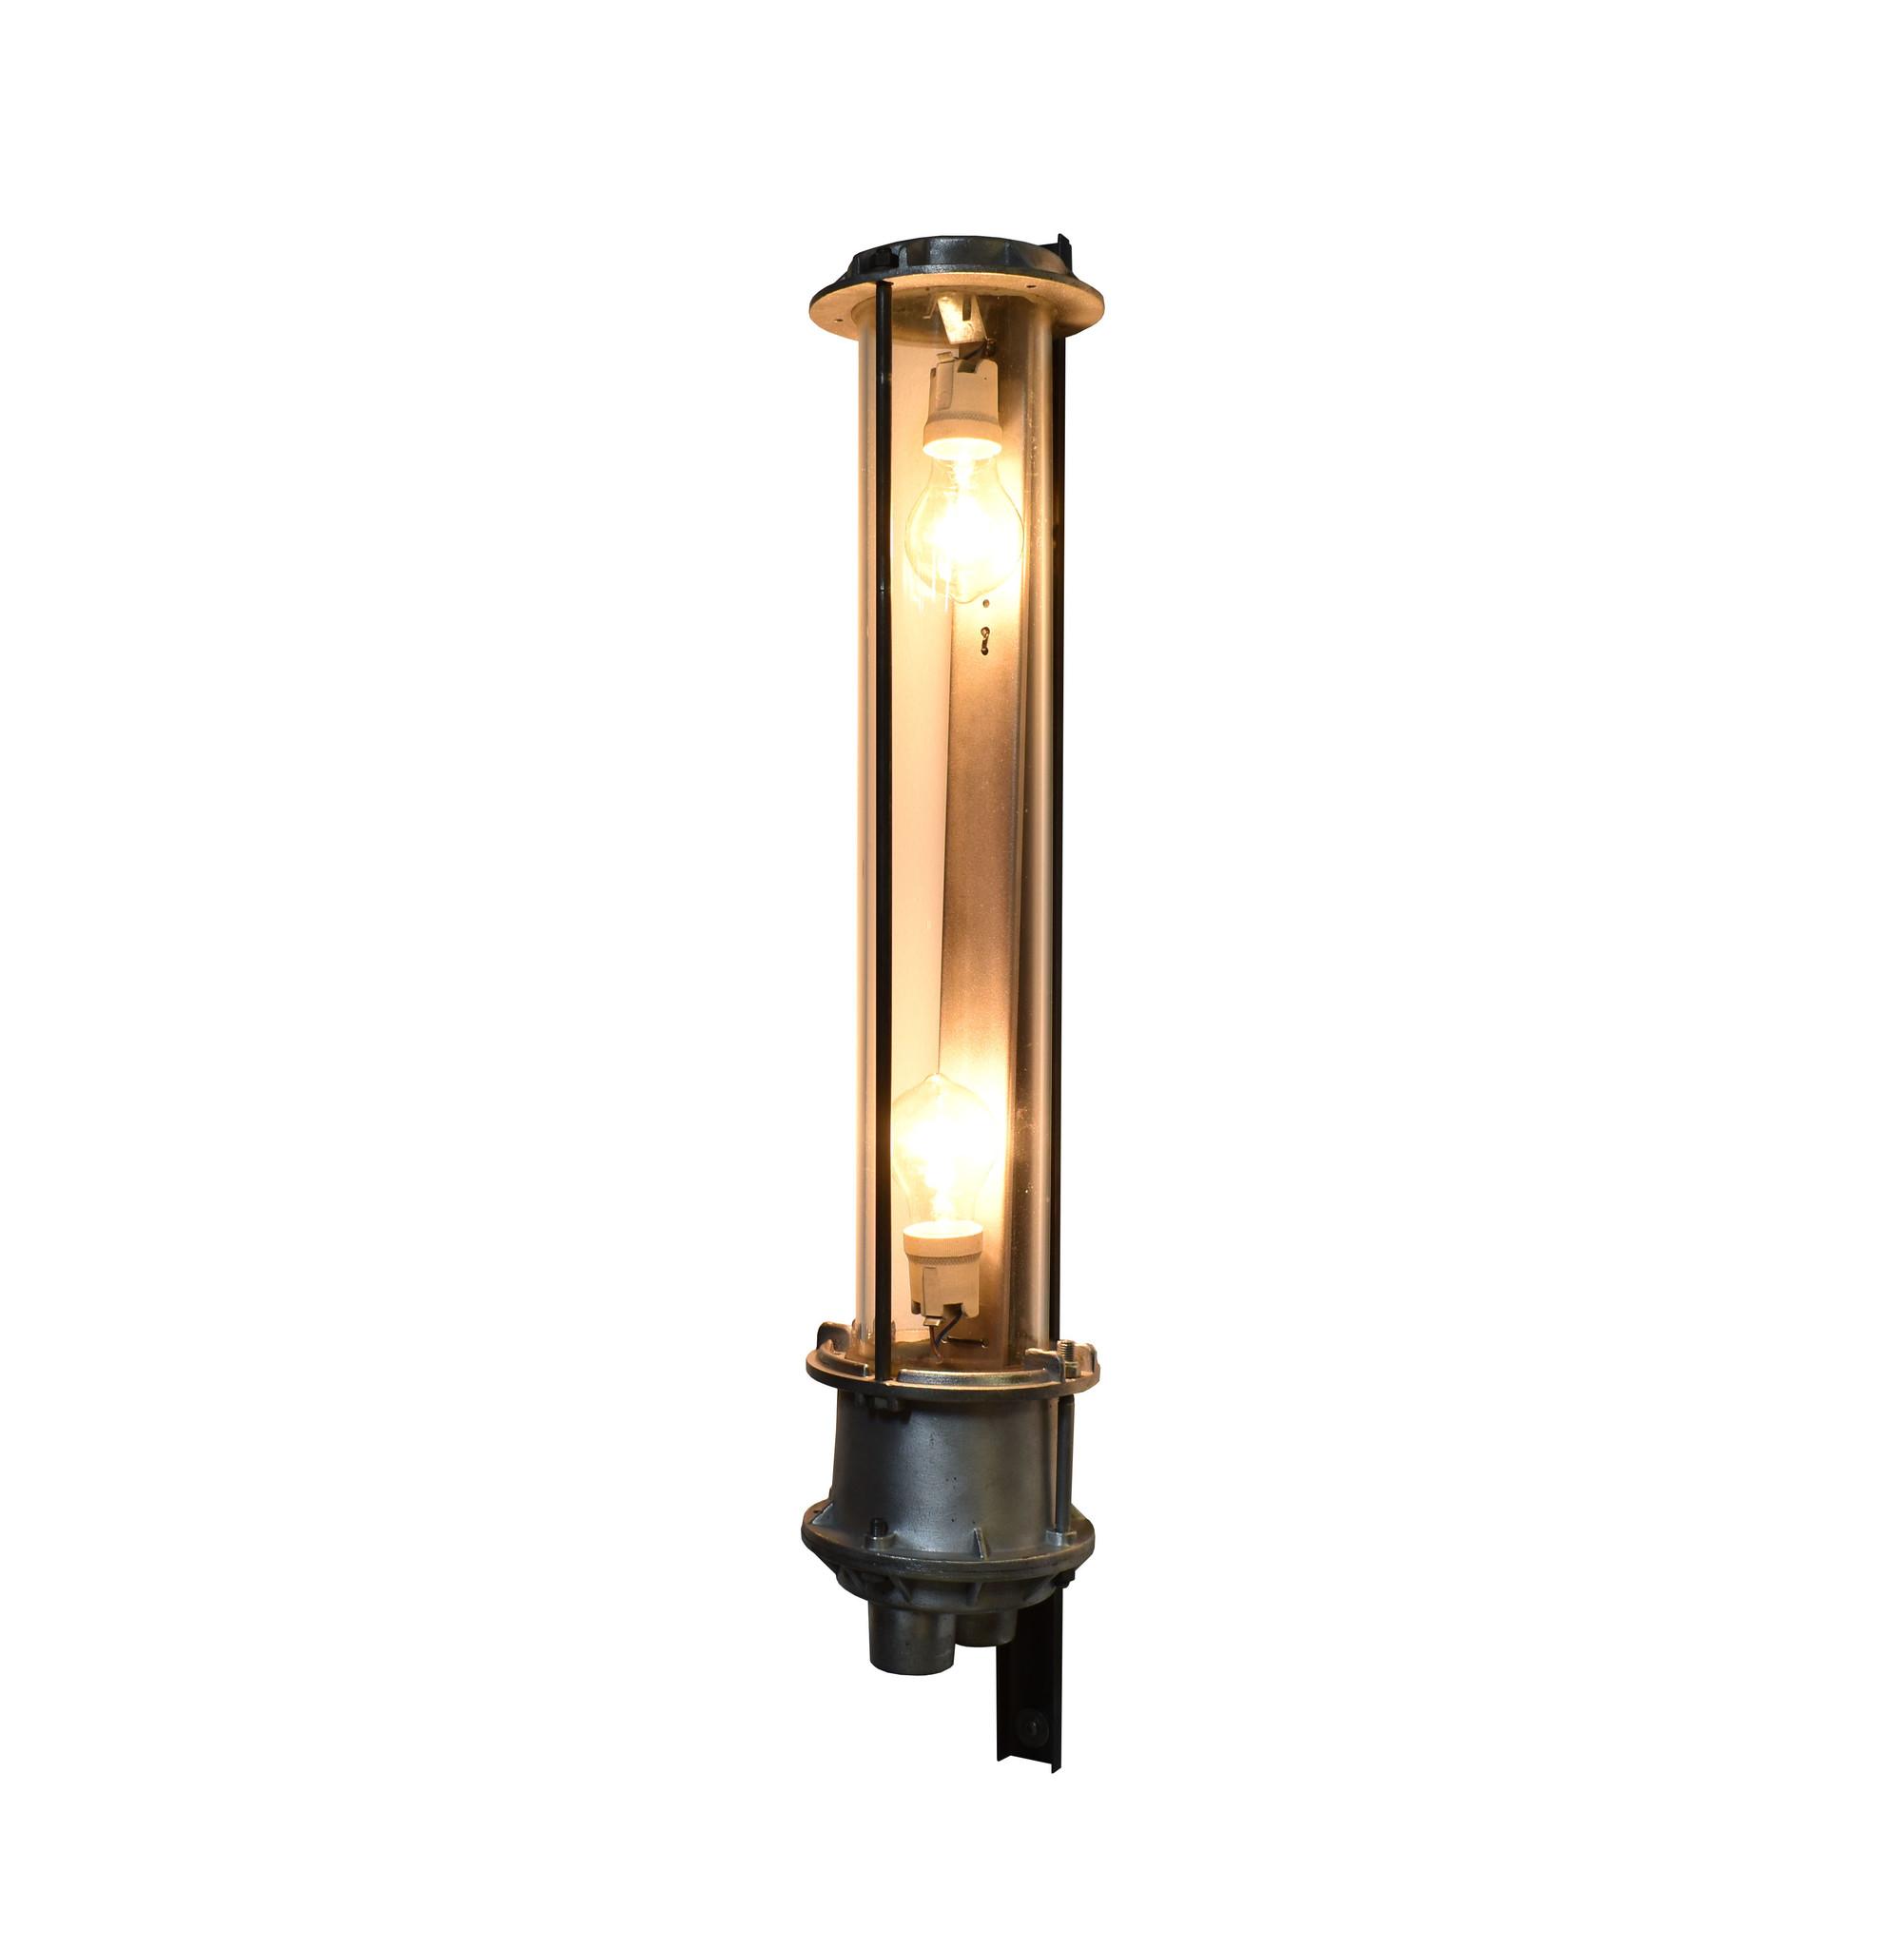 oldwood Gepolijste tube lamp